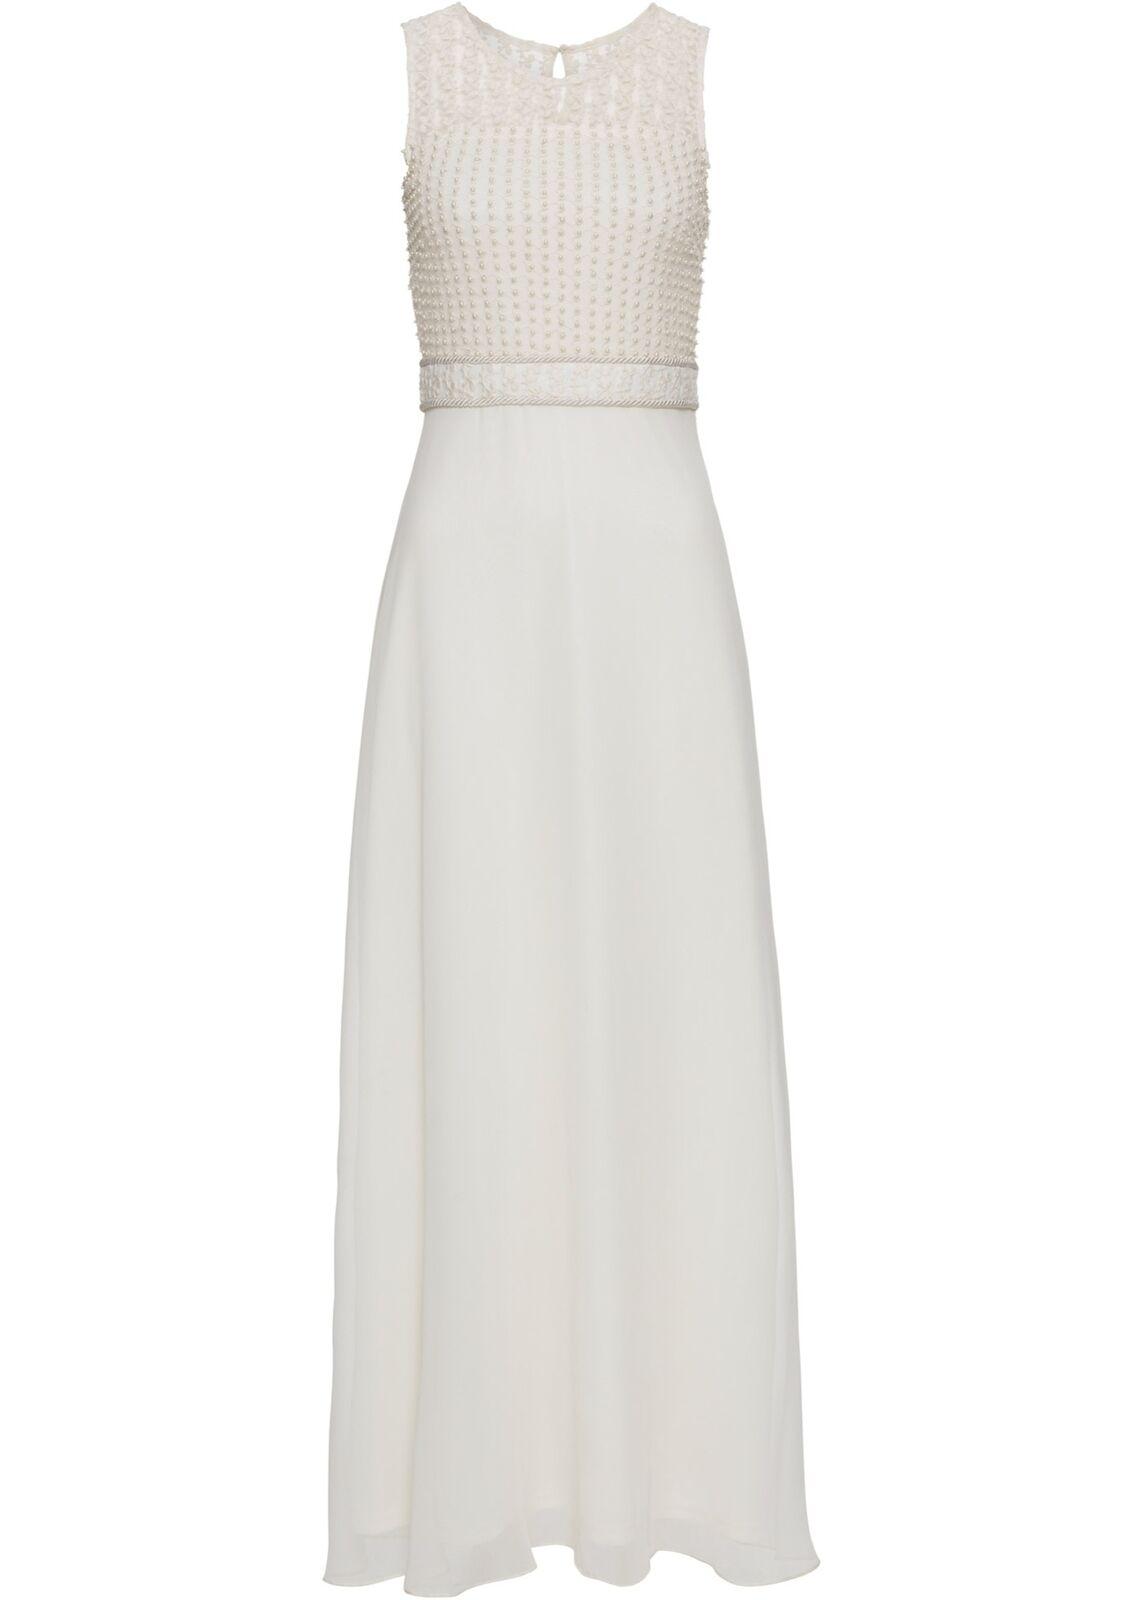 Abendkleid Pailletten Gr. 34 Creme Damen Maxi-Kleid Eventkleid Cocktailkleid Neu